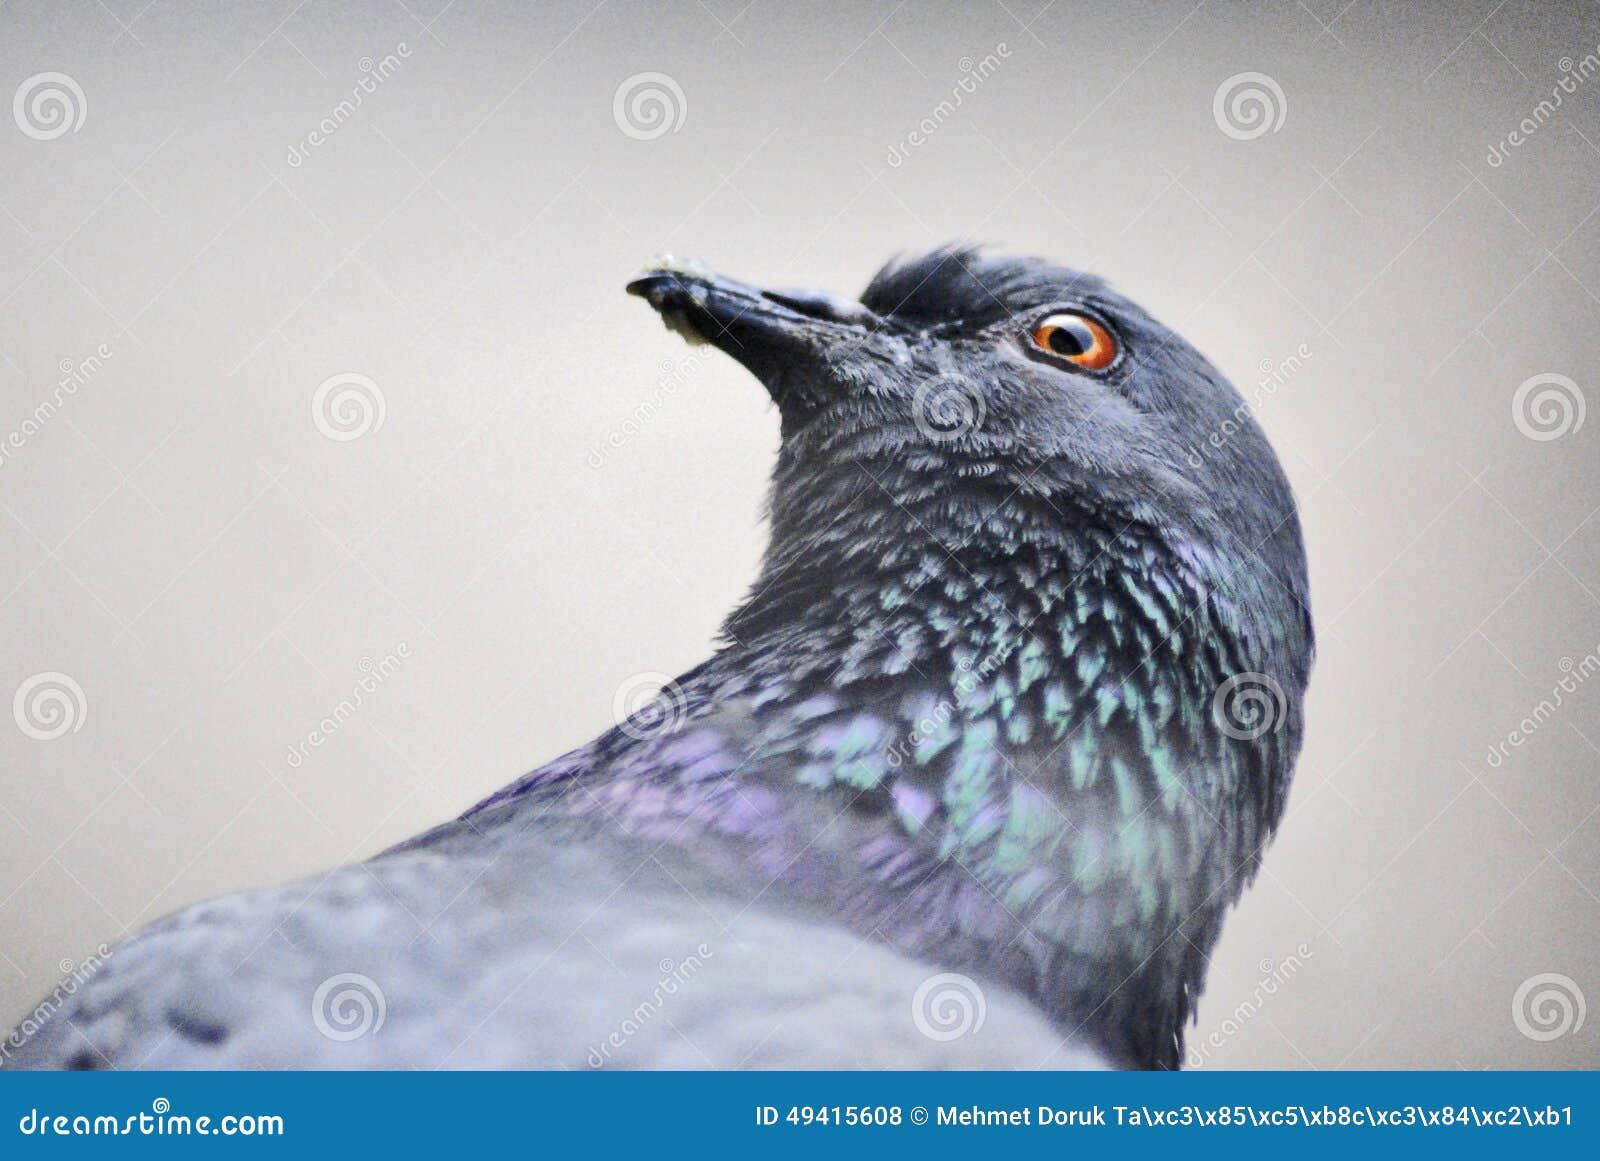 Download Tauben-Vogel stockfoto. Bild von gruppe, vogel, tiere - 49415608